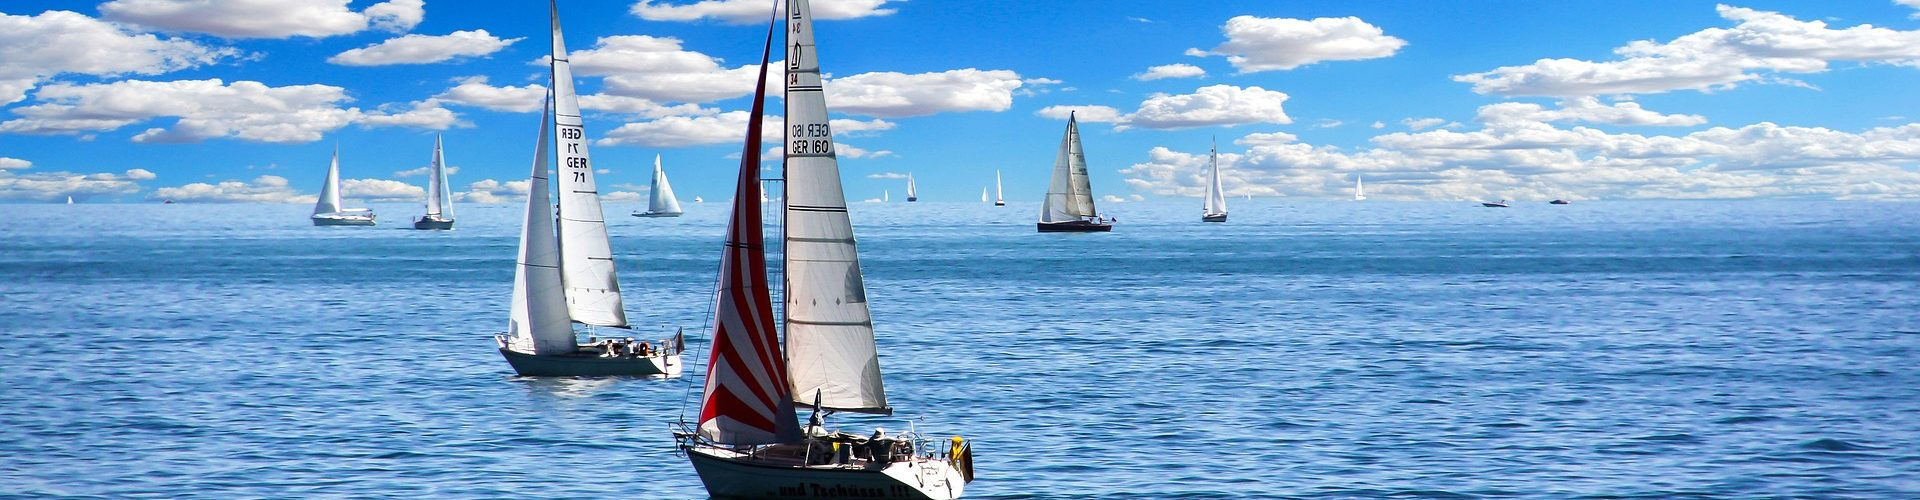 segeln lernen in Faßberg segelschein machen in Faßberg 1920x500 - Segeln lernen in Faßberg